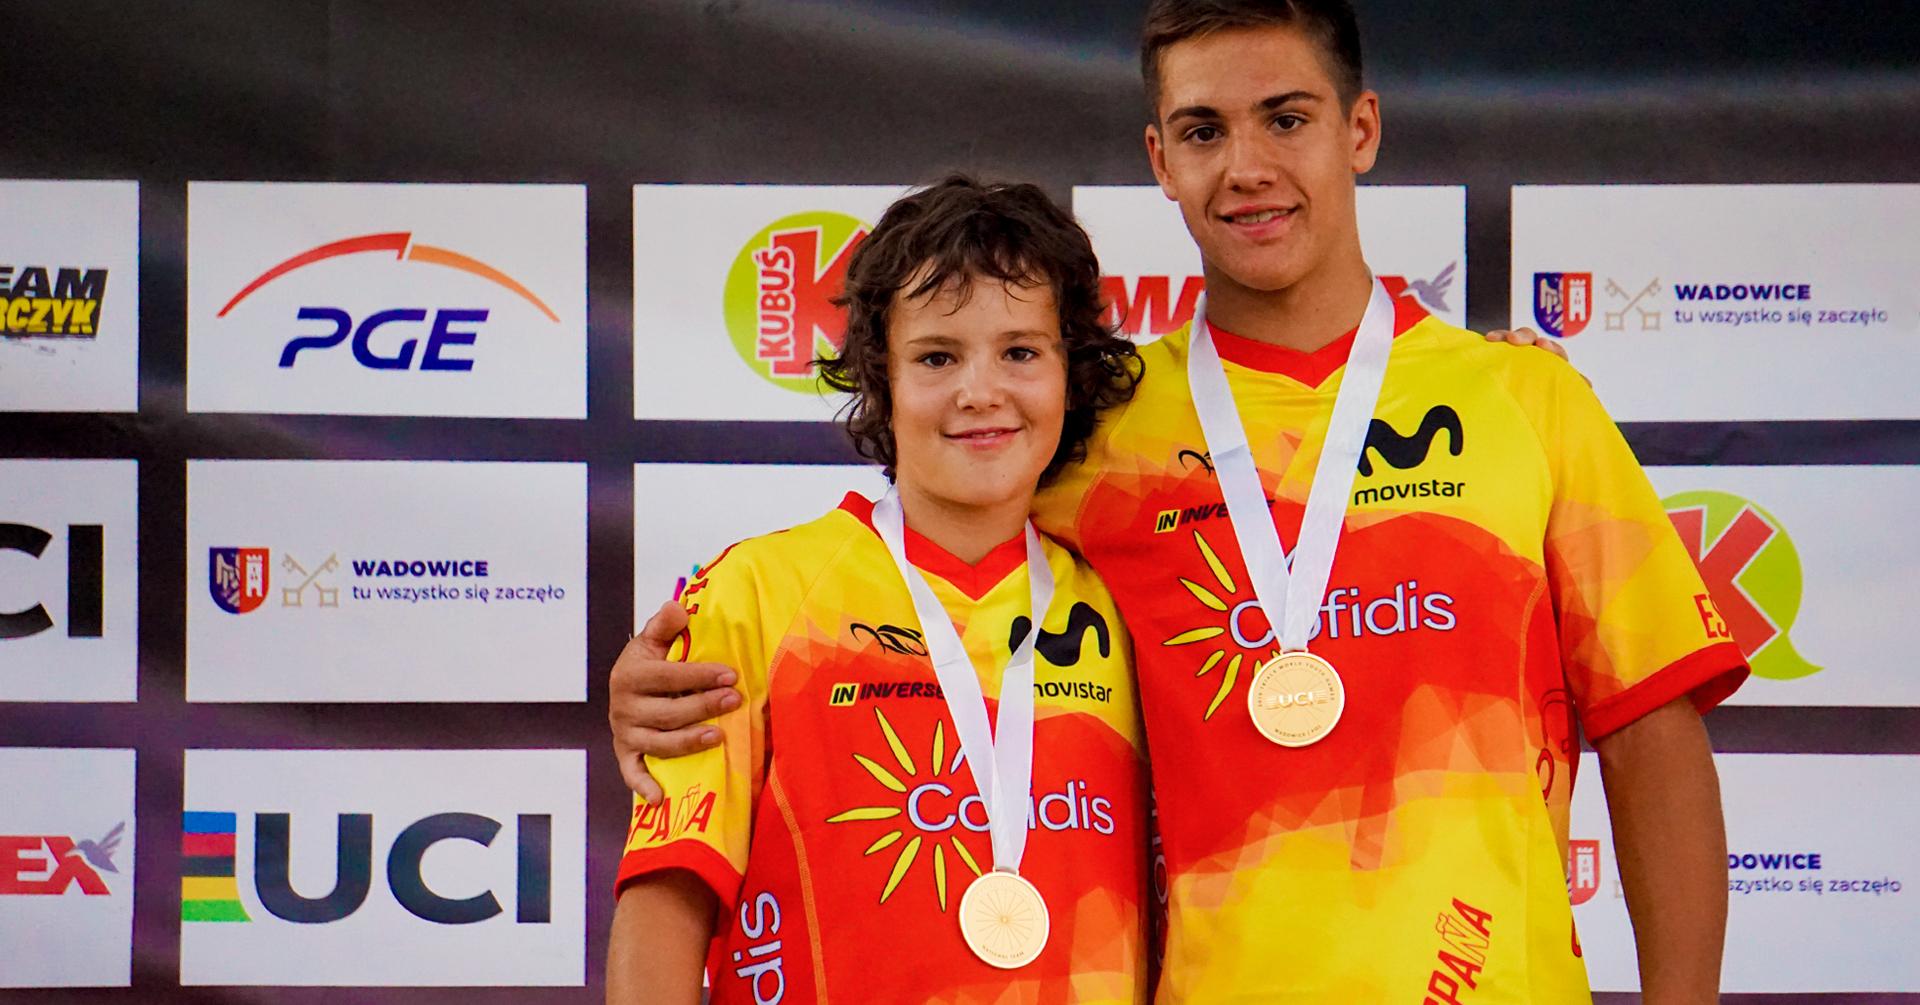 4 medalles als Jocs Mundials a Polònia